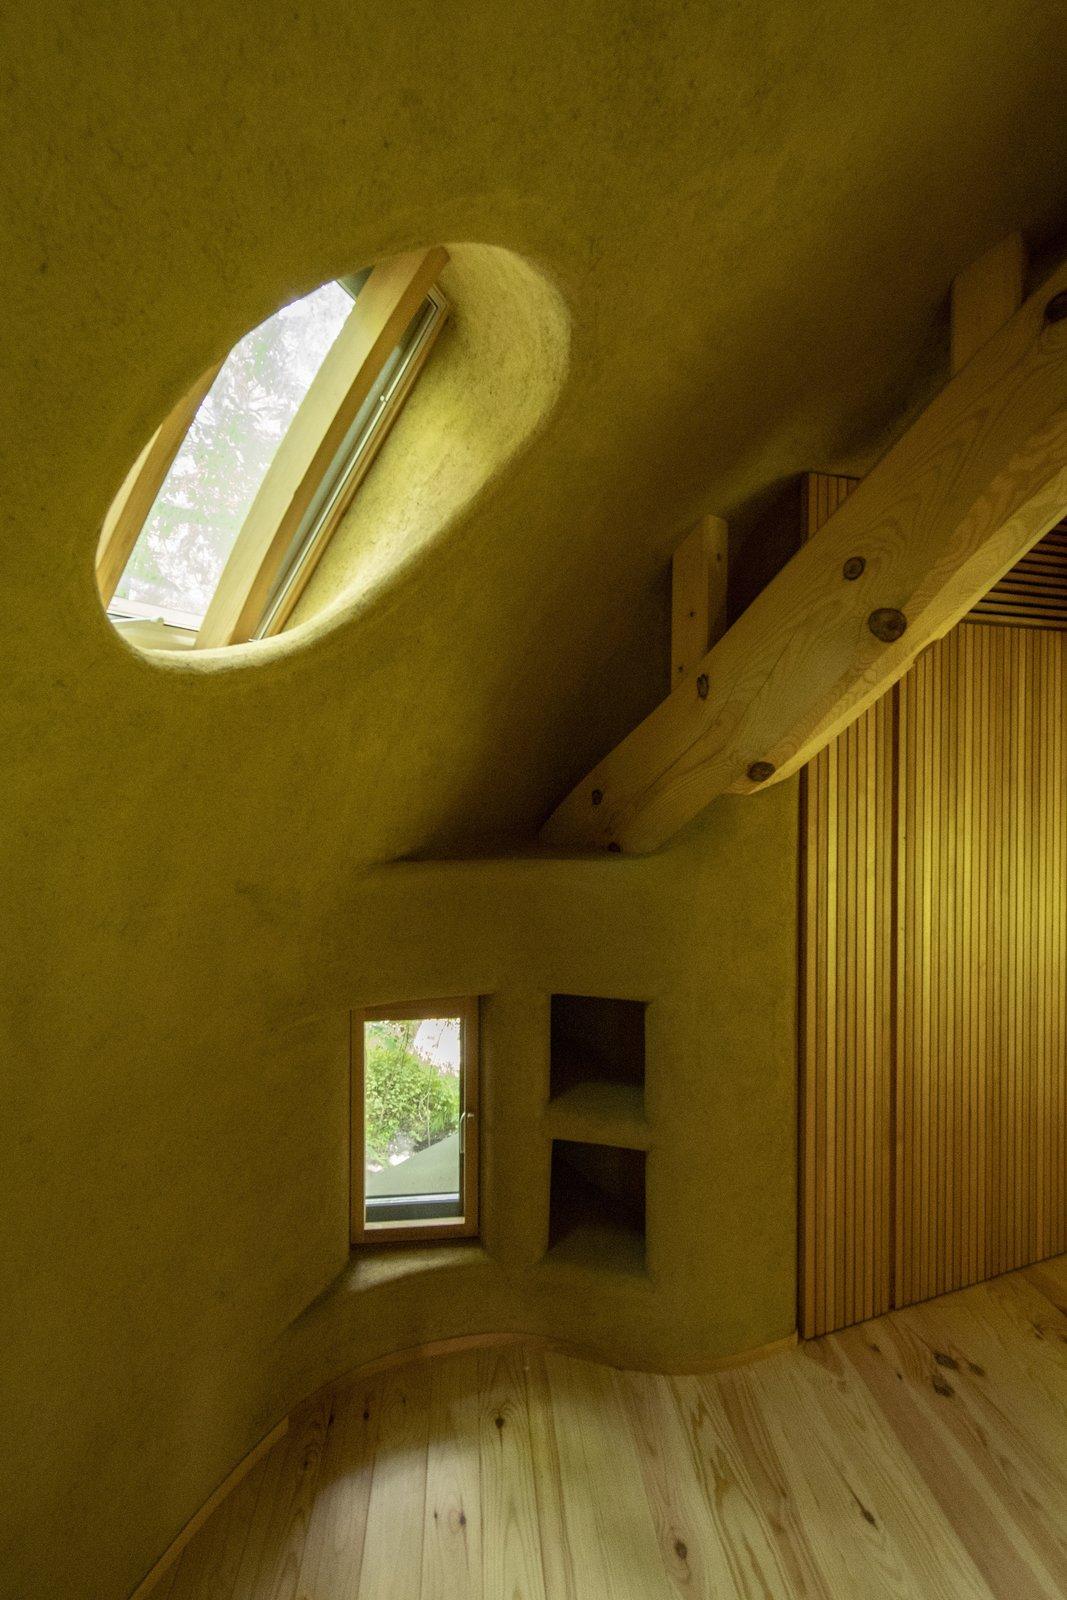 Window of Shell House by Tono Mirai Architects.